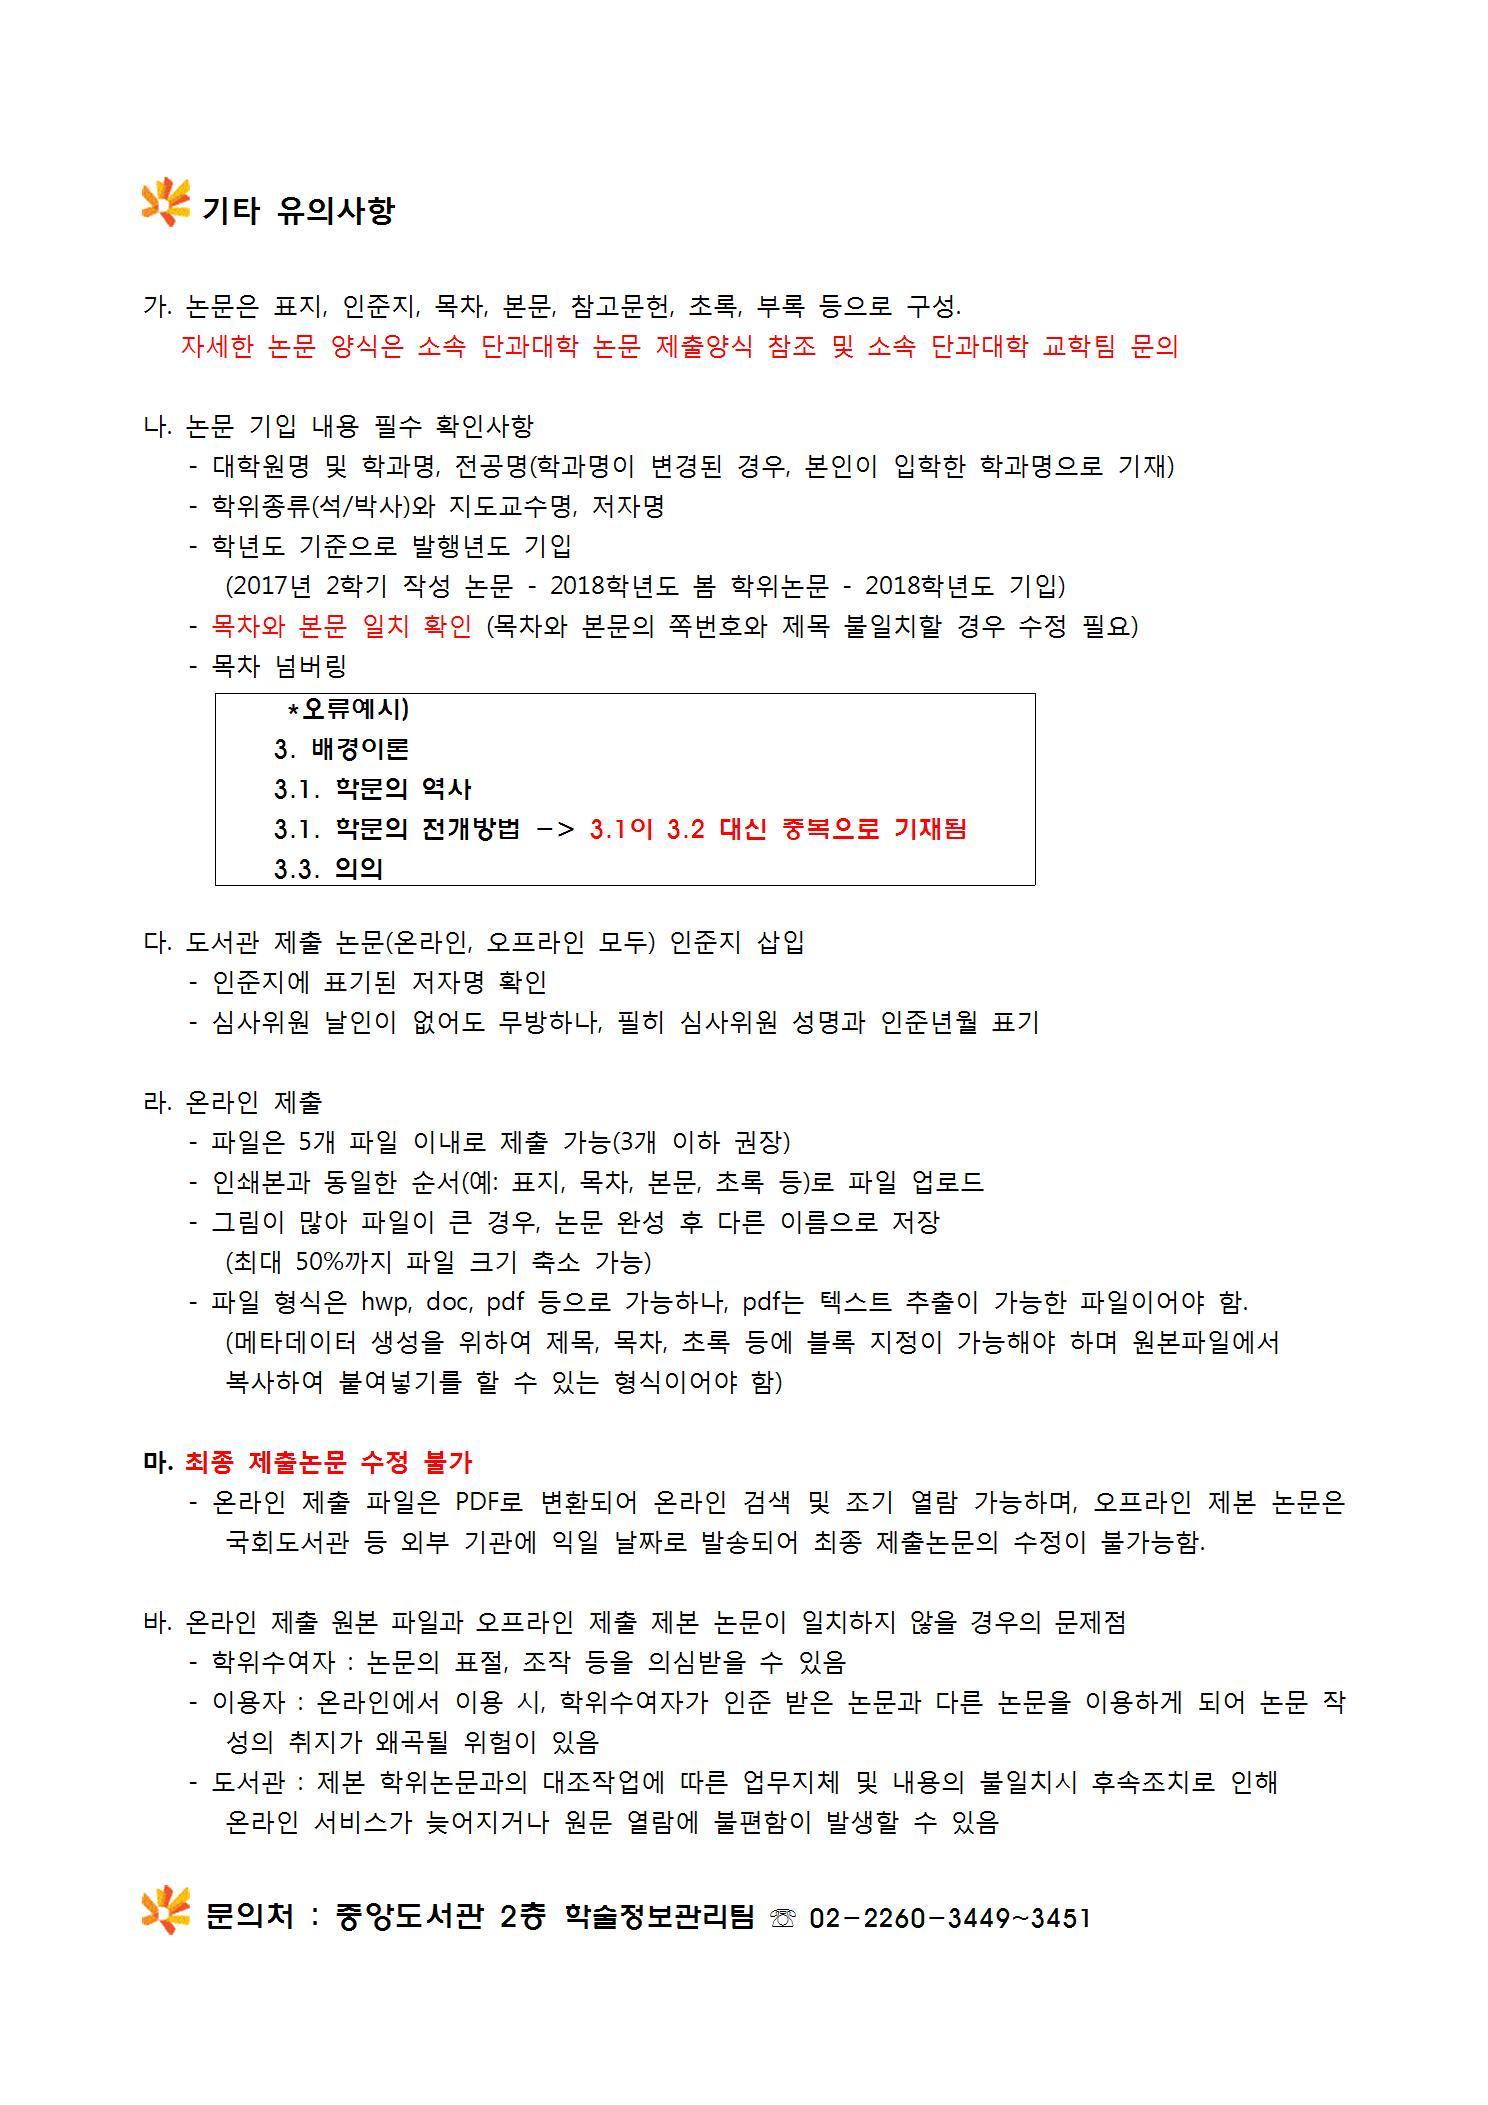 1. 학위논문 제출시 필독사항(이용자용)_2019학년도 봄학기006